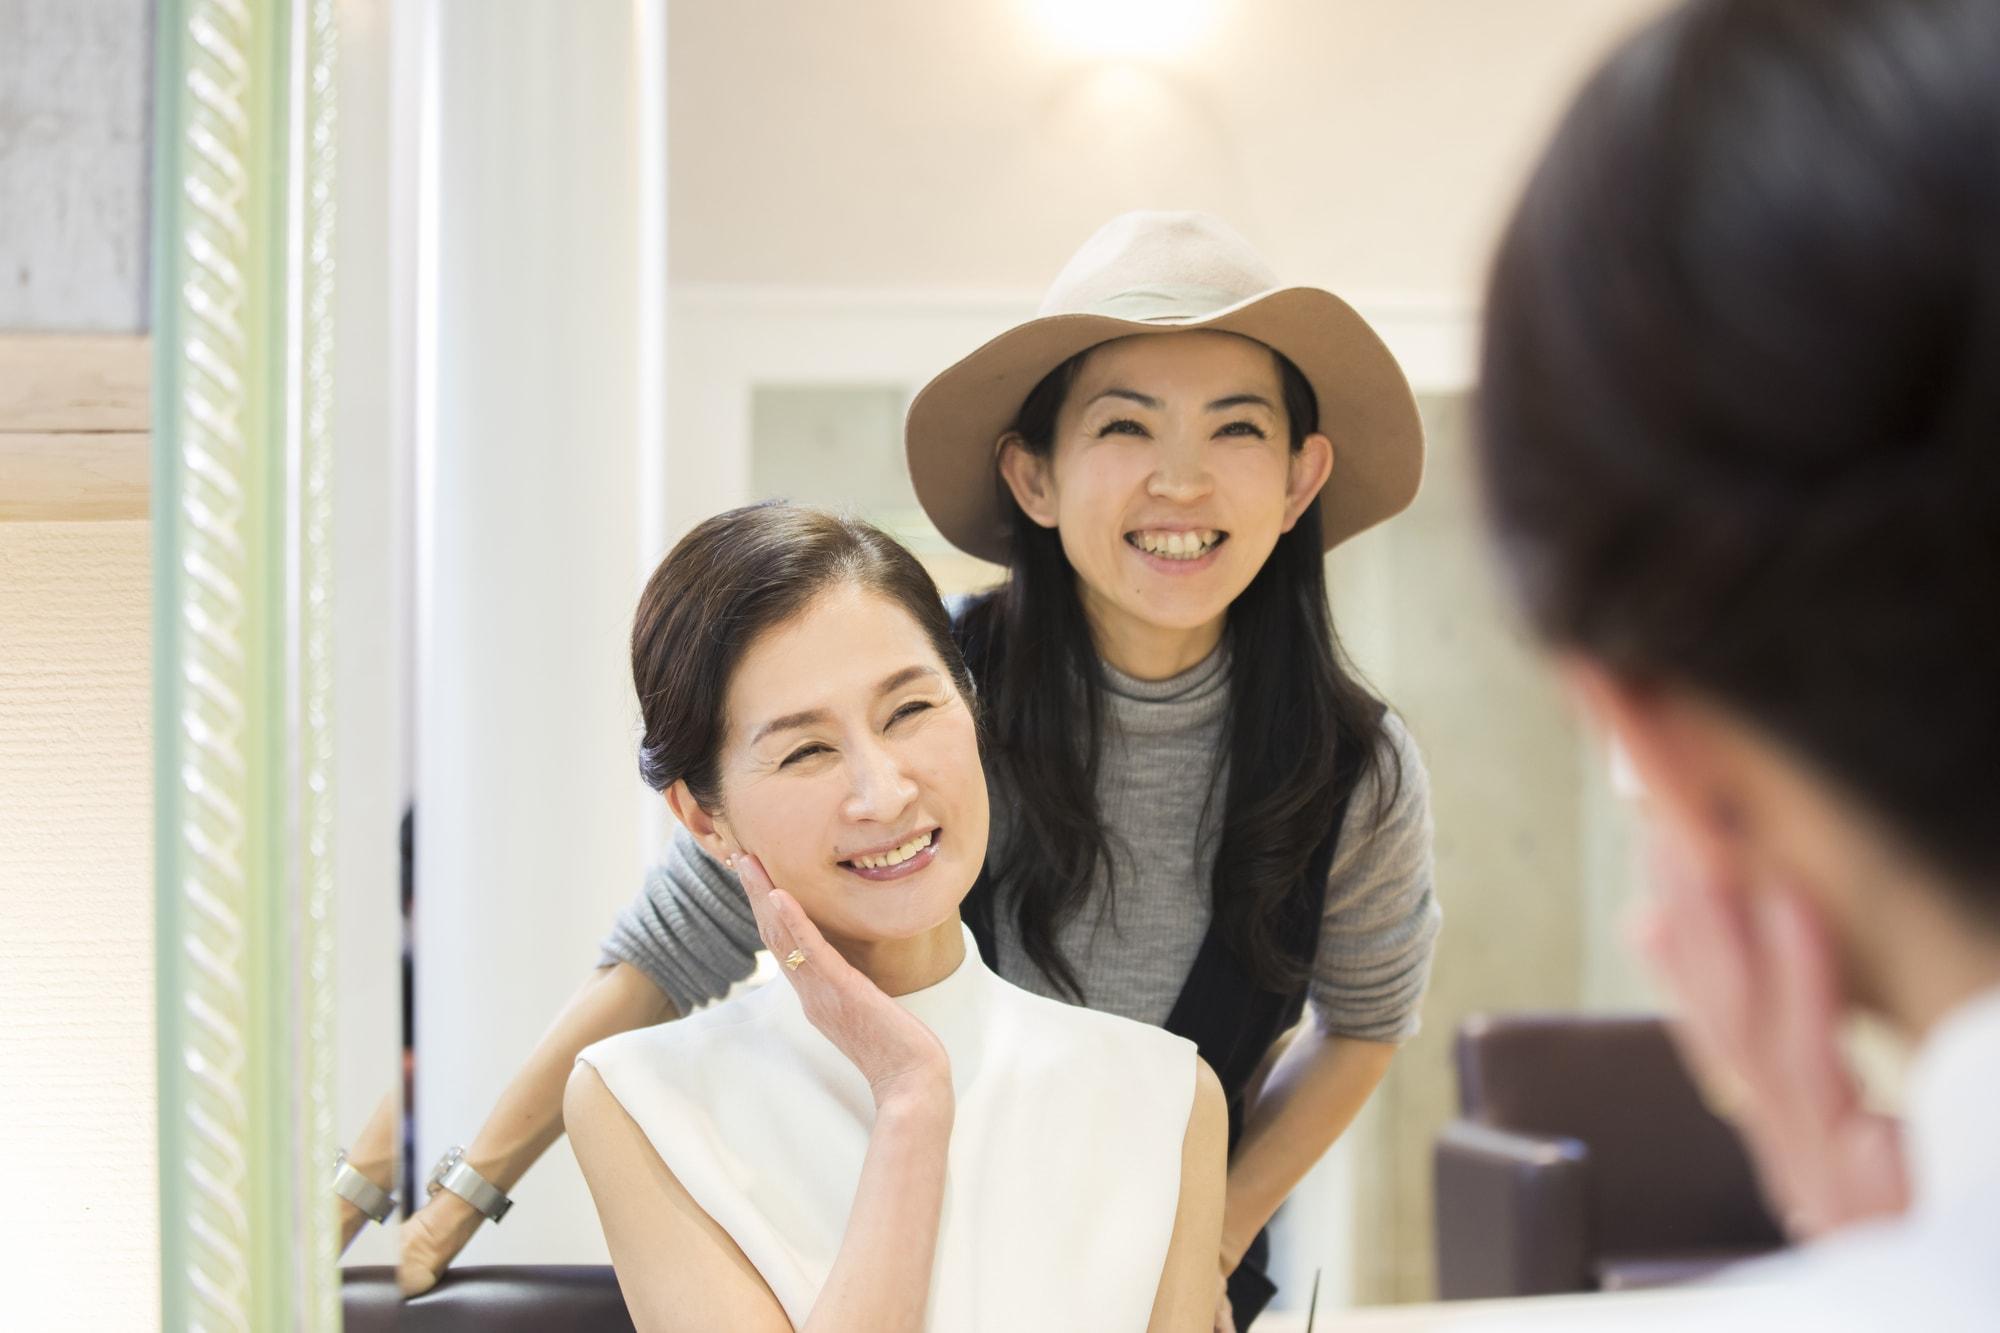 「美容師だけど接客が苦手」を克服する方法